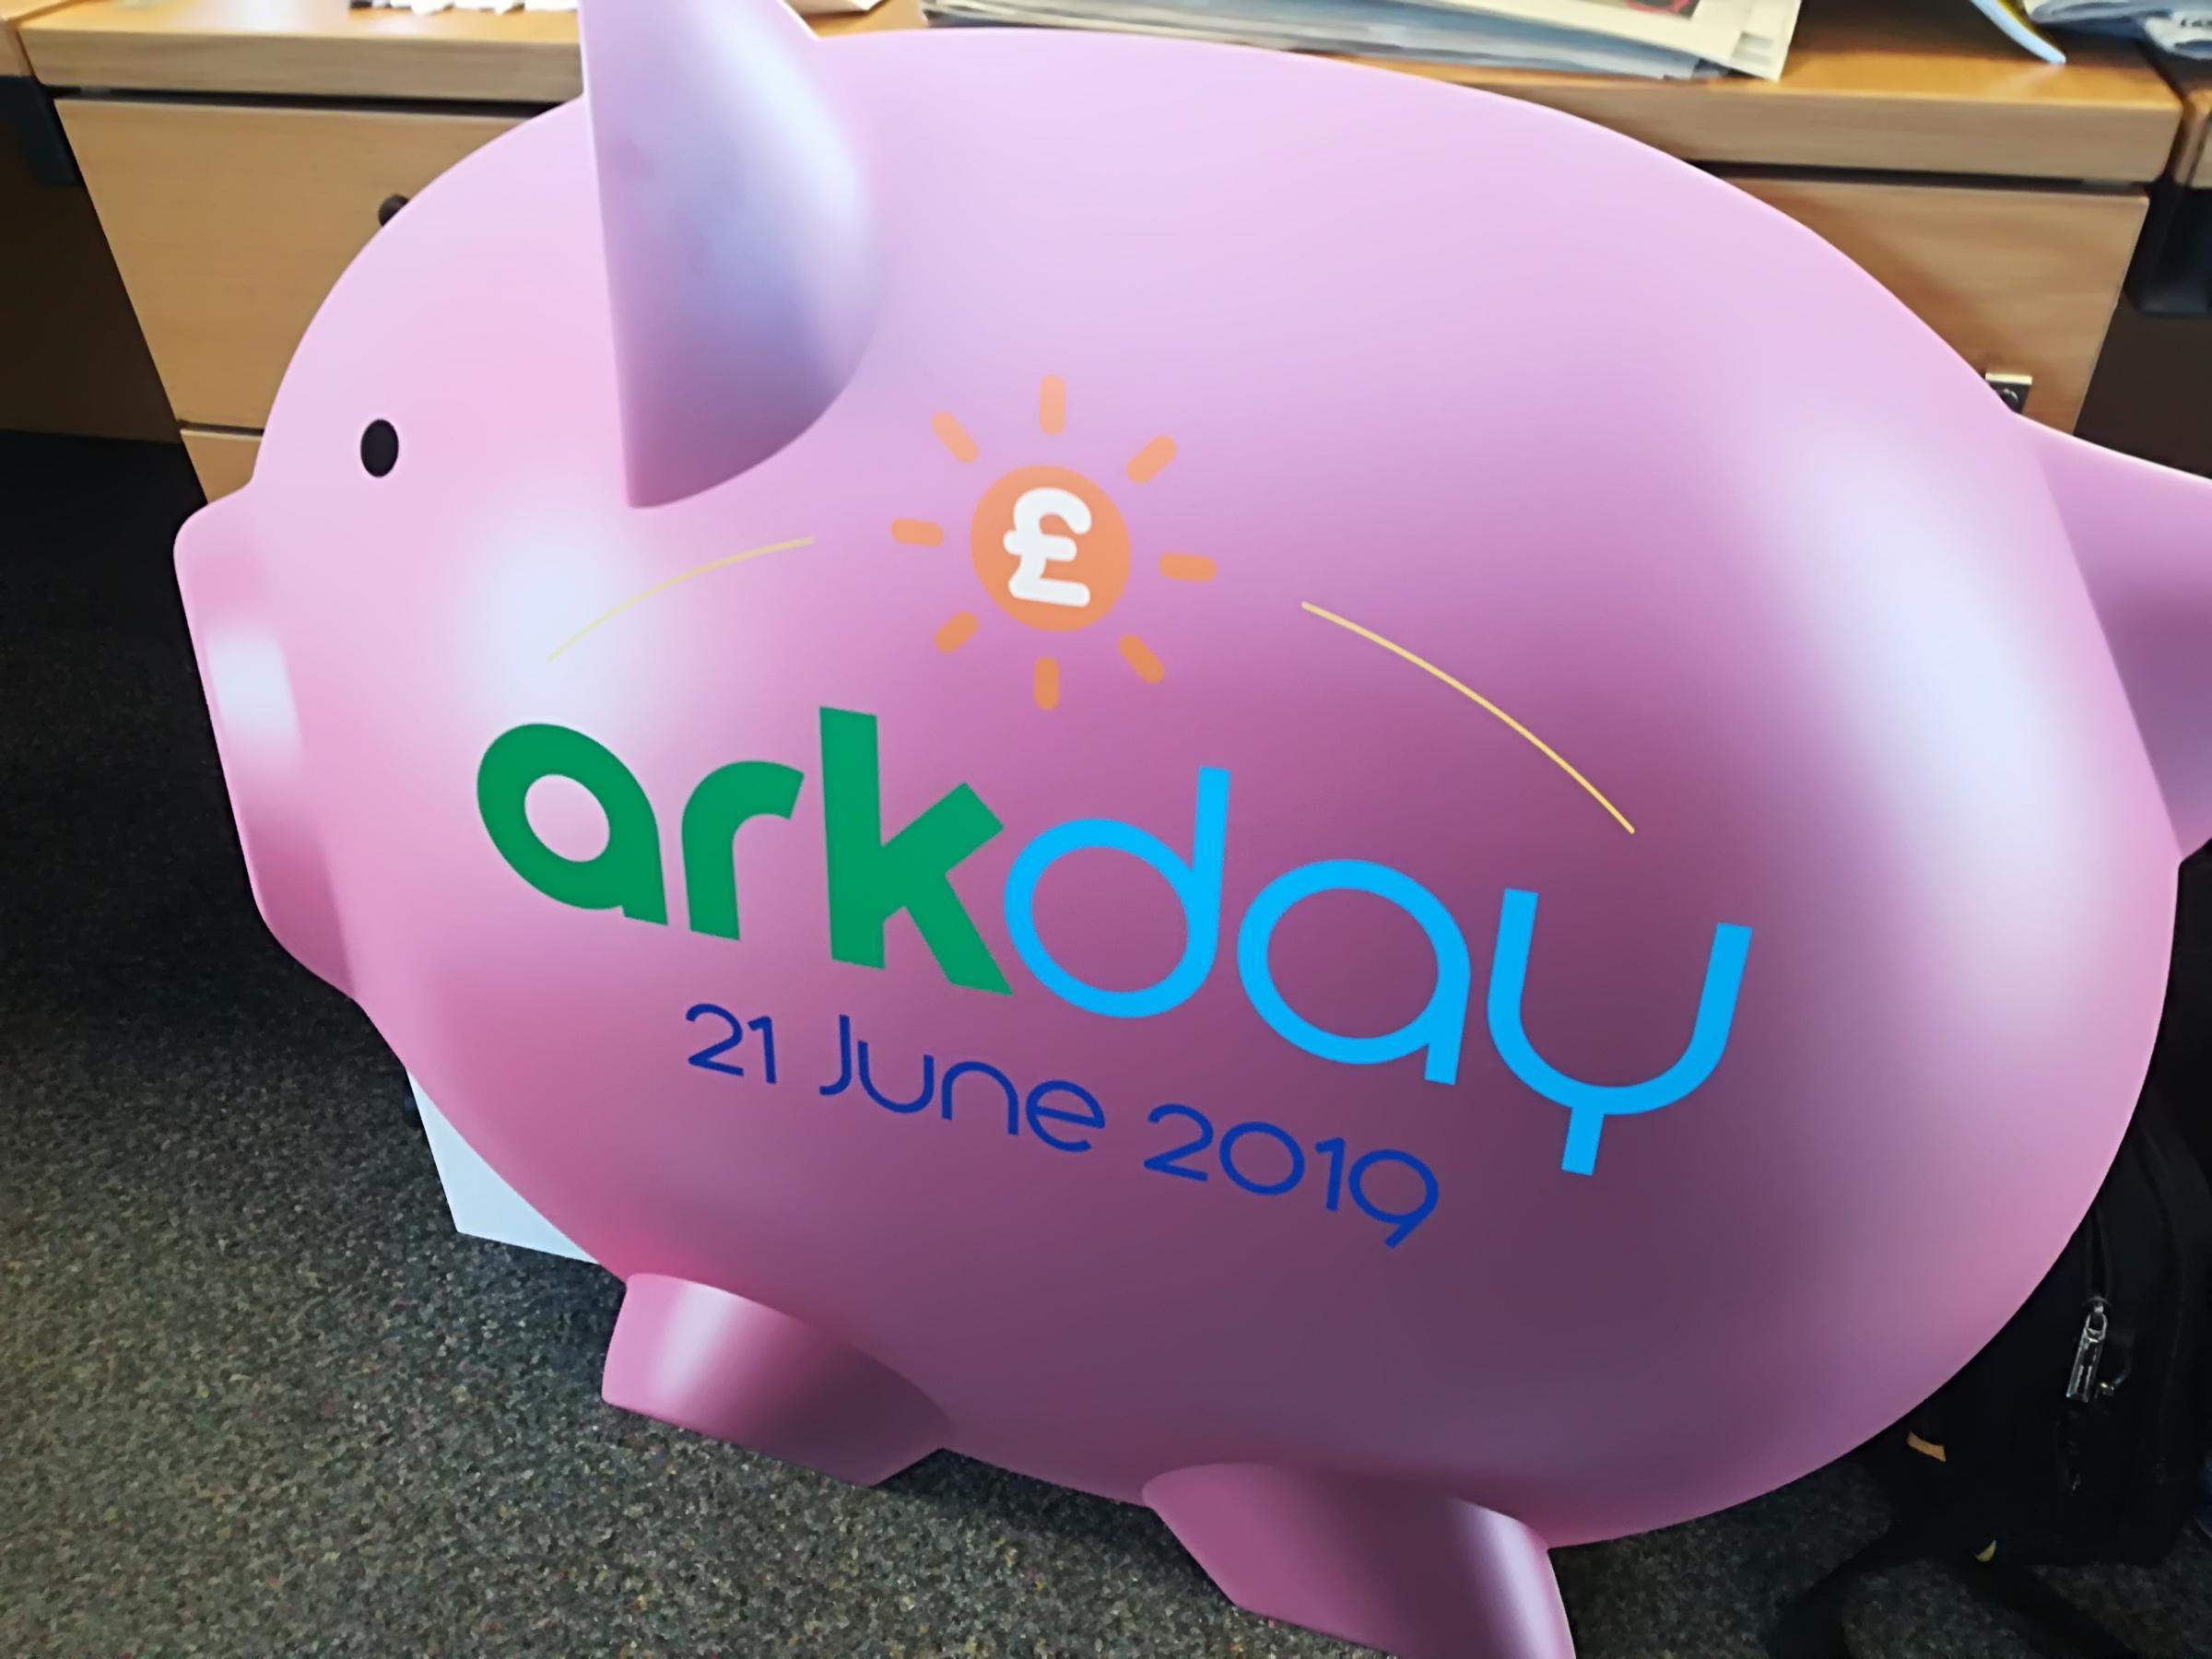 Mascot MoneyPenny for Ark Day stolen | Basingstoke Gazette